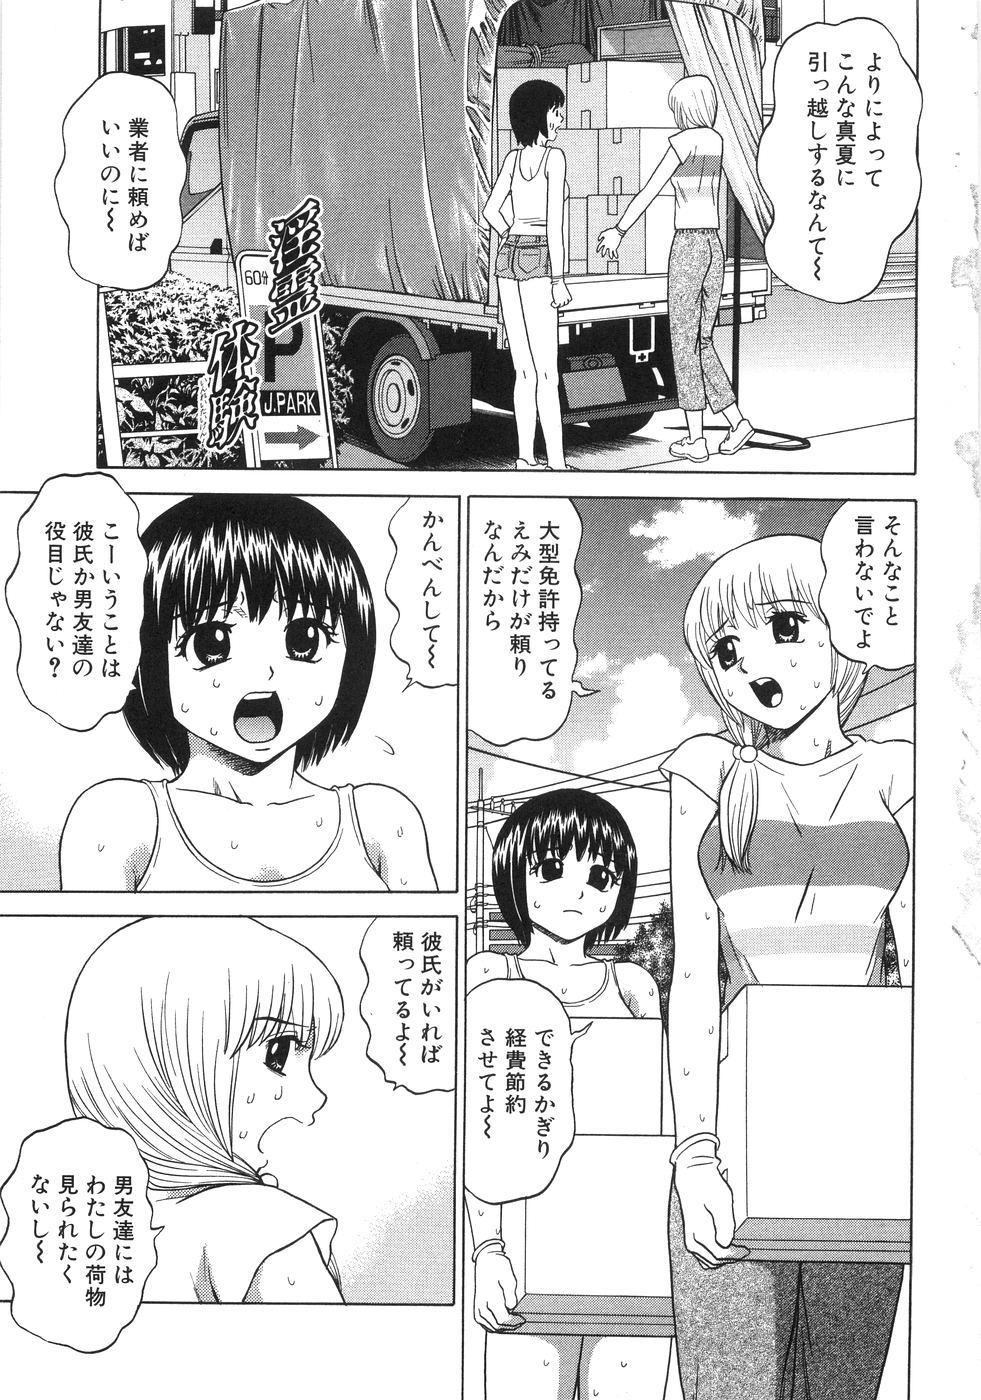 Hitoriyogari 57